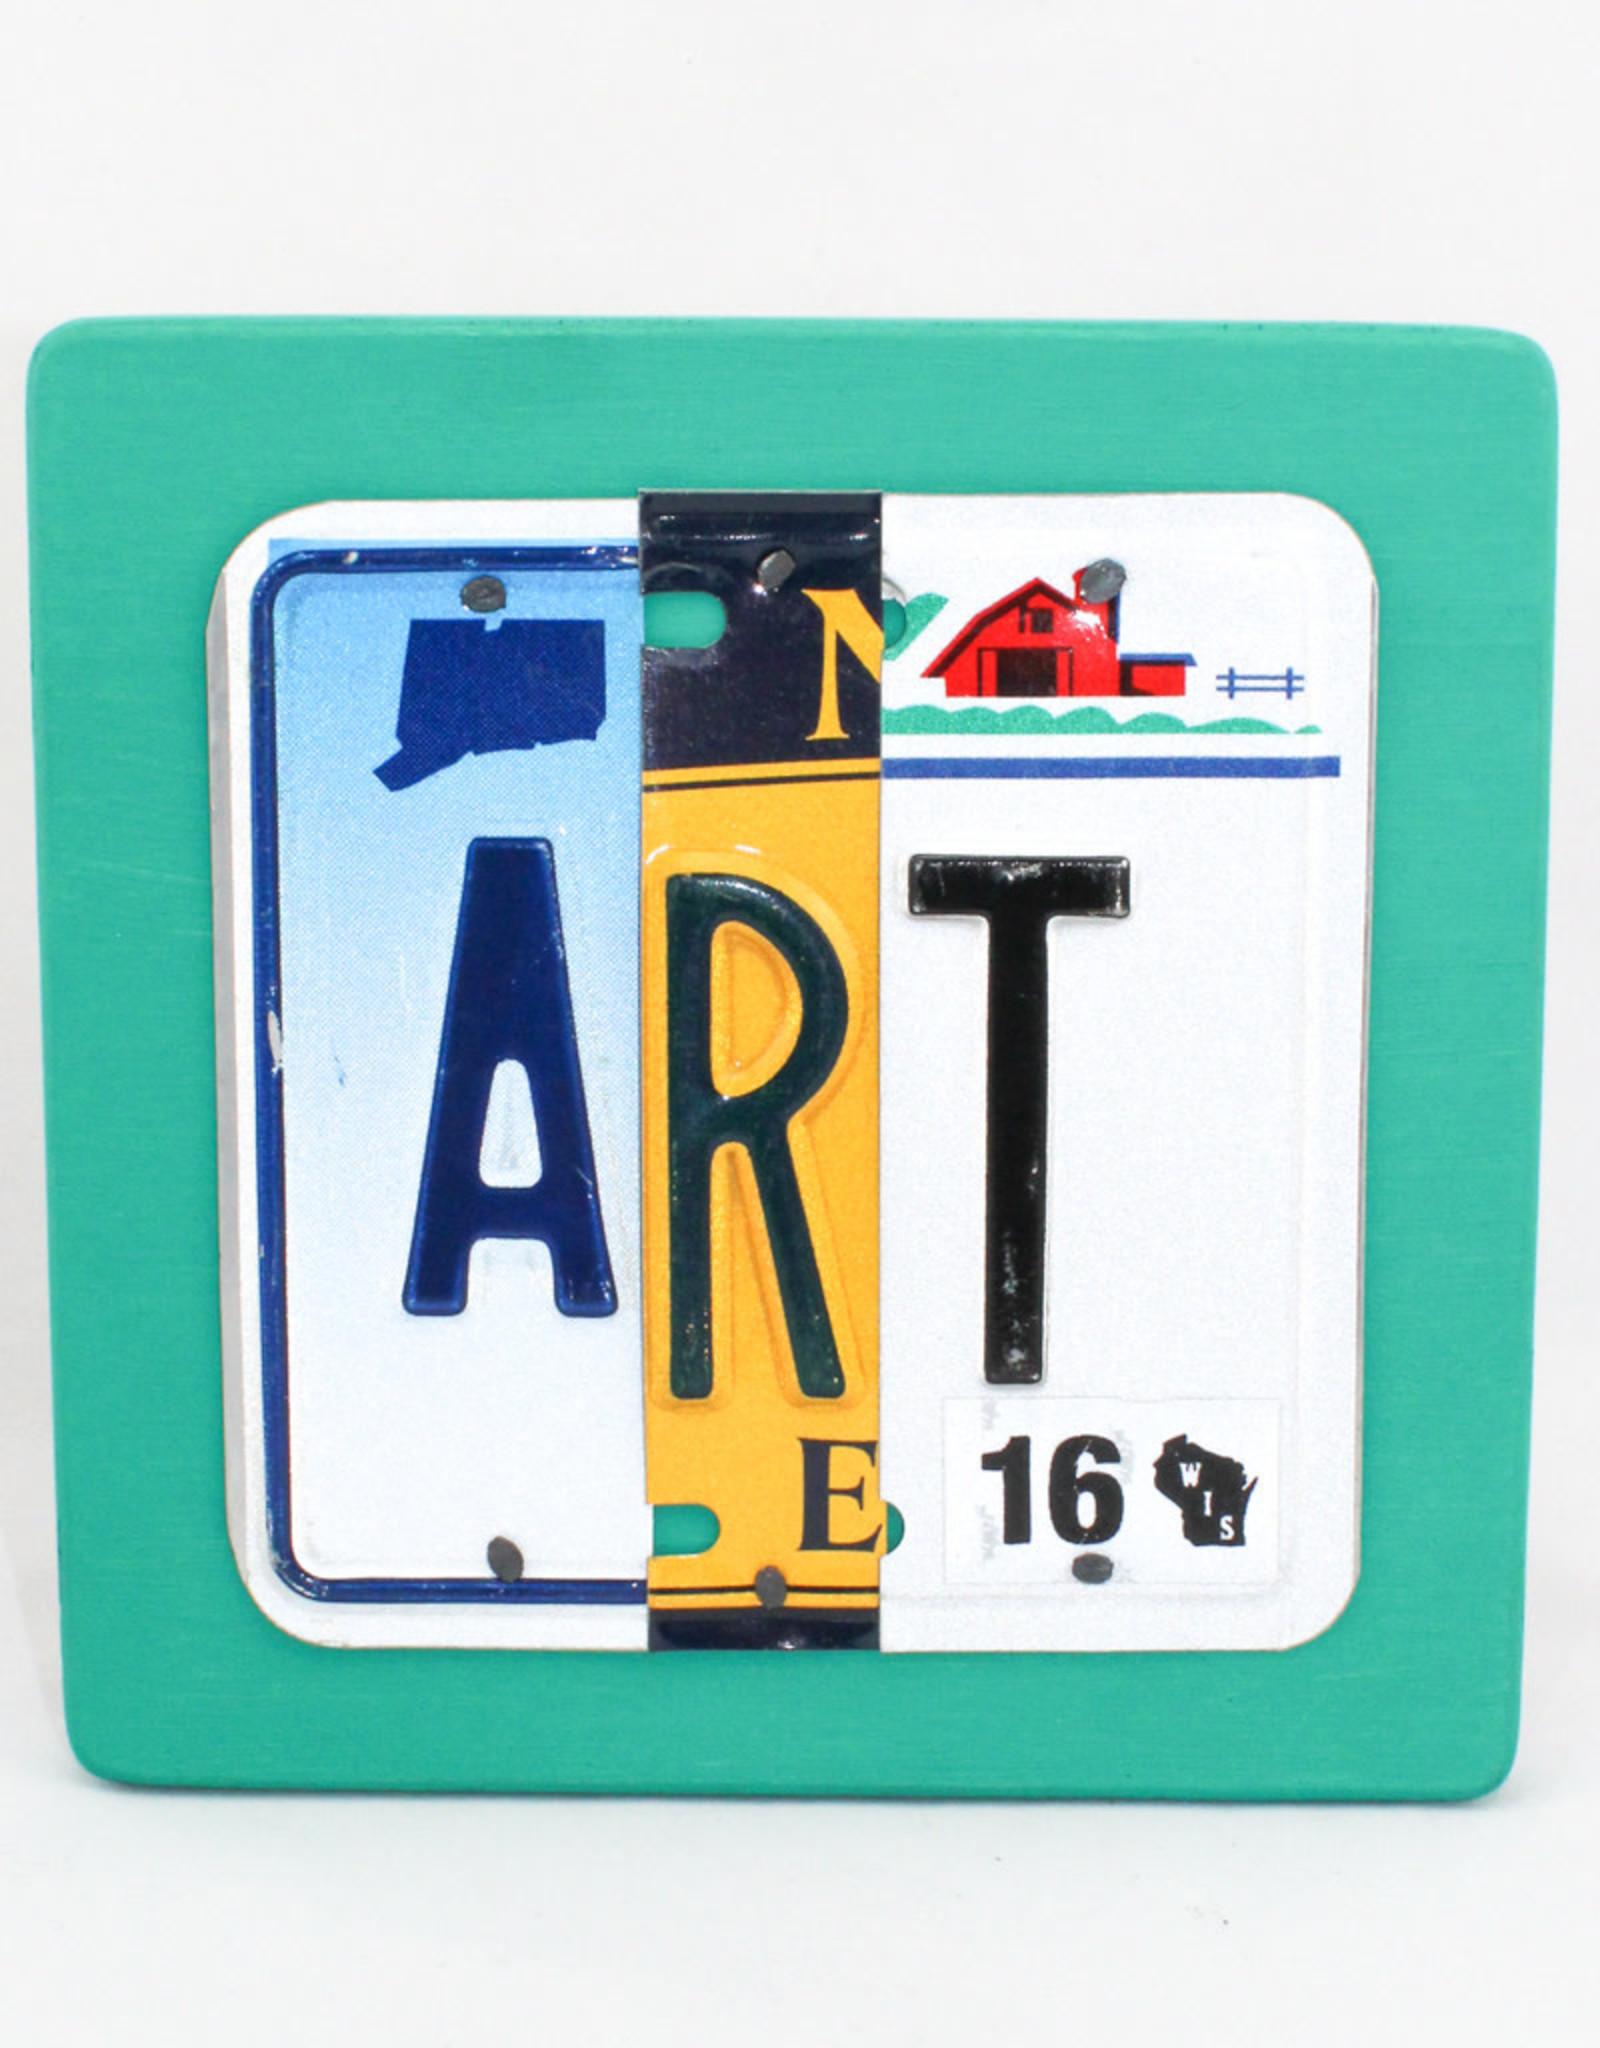 Unique Pl8Z ART sign